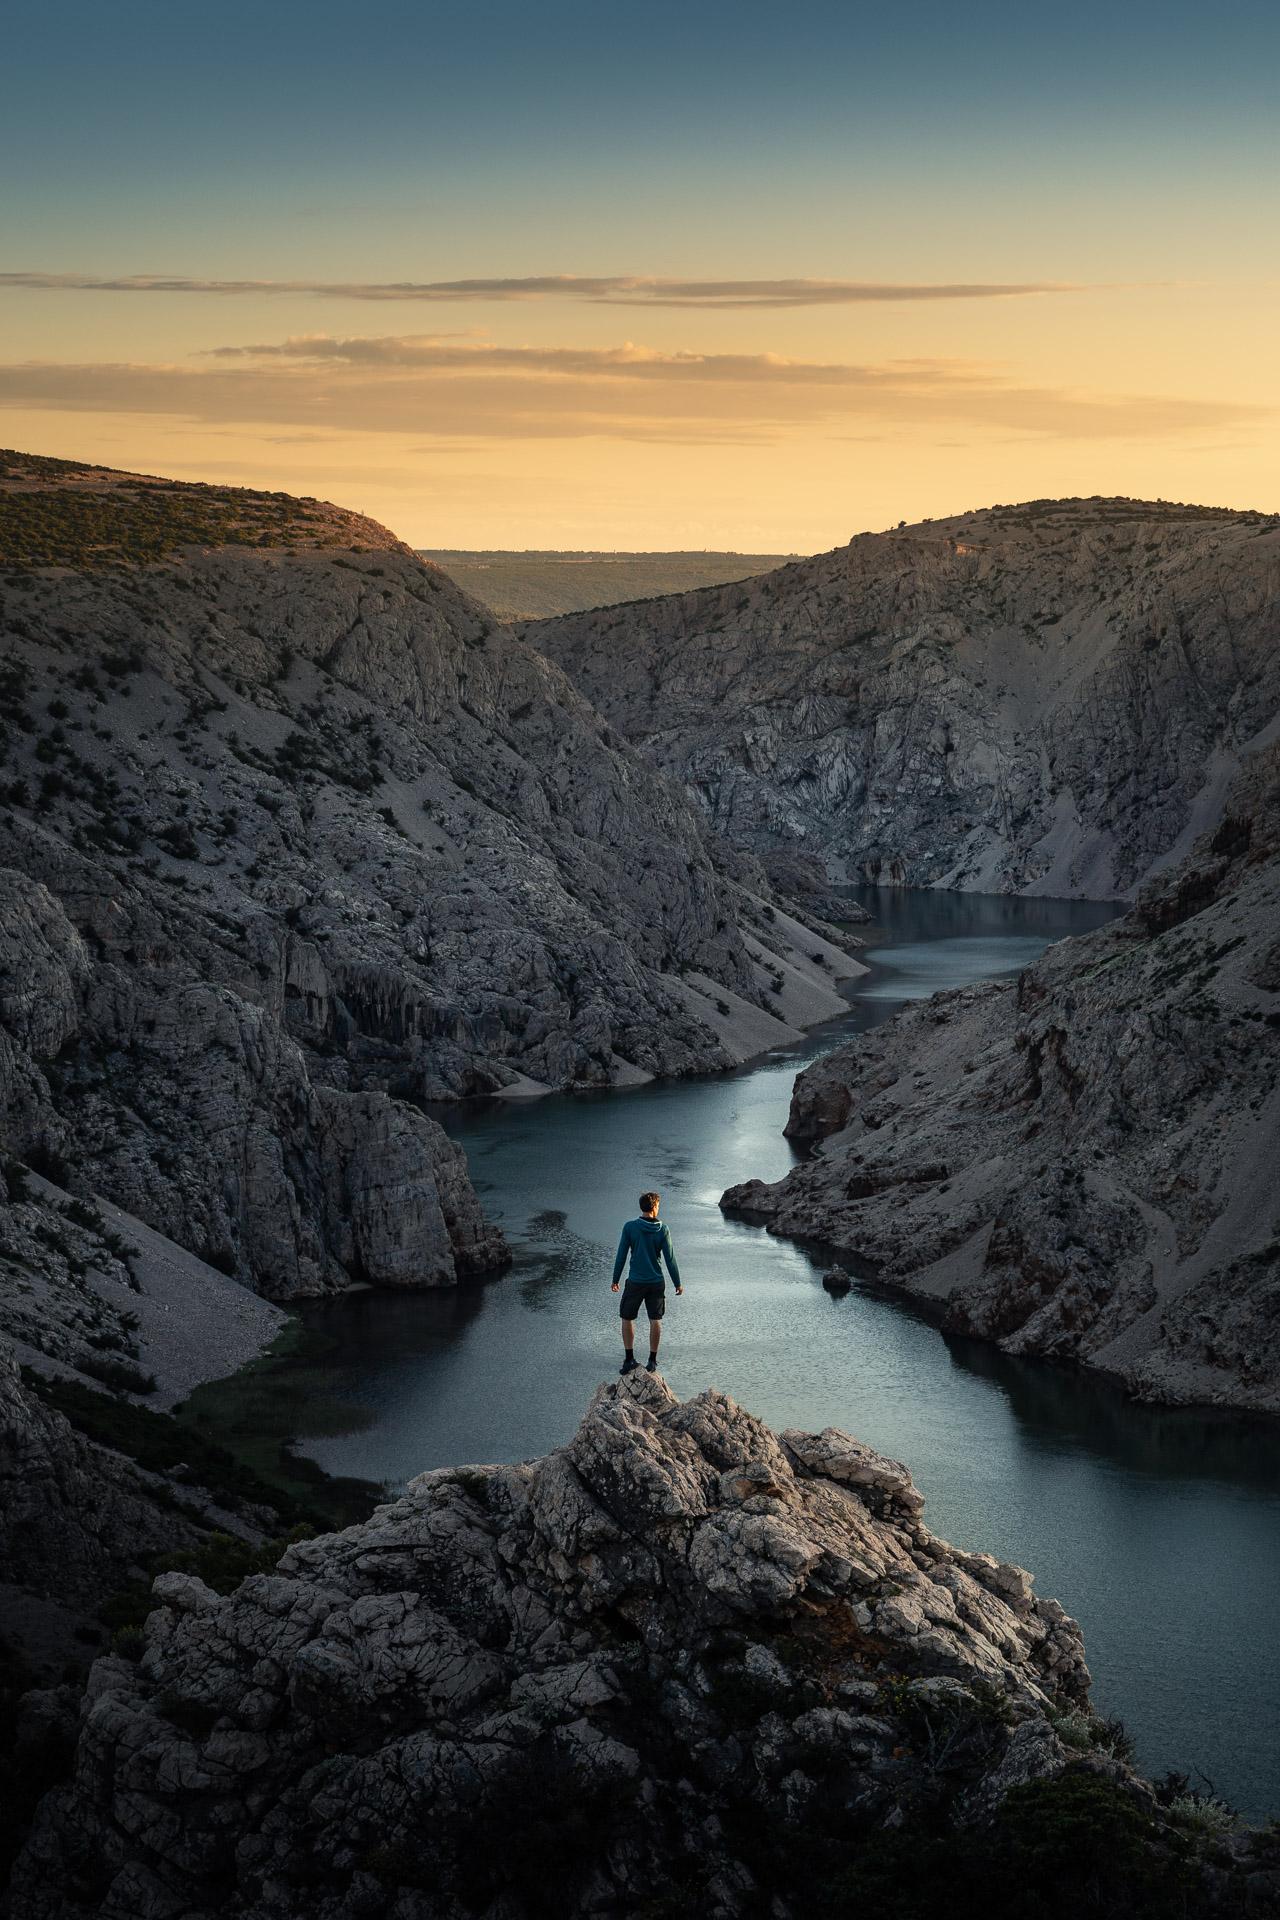 Europa-Kroatien-Zrmanja-2020-_W5A7030